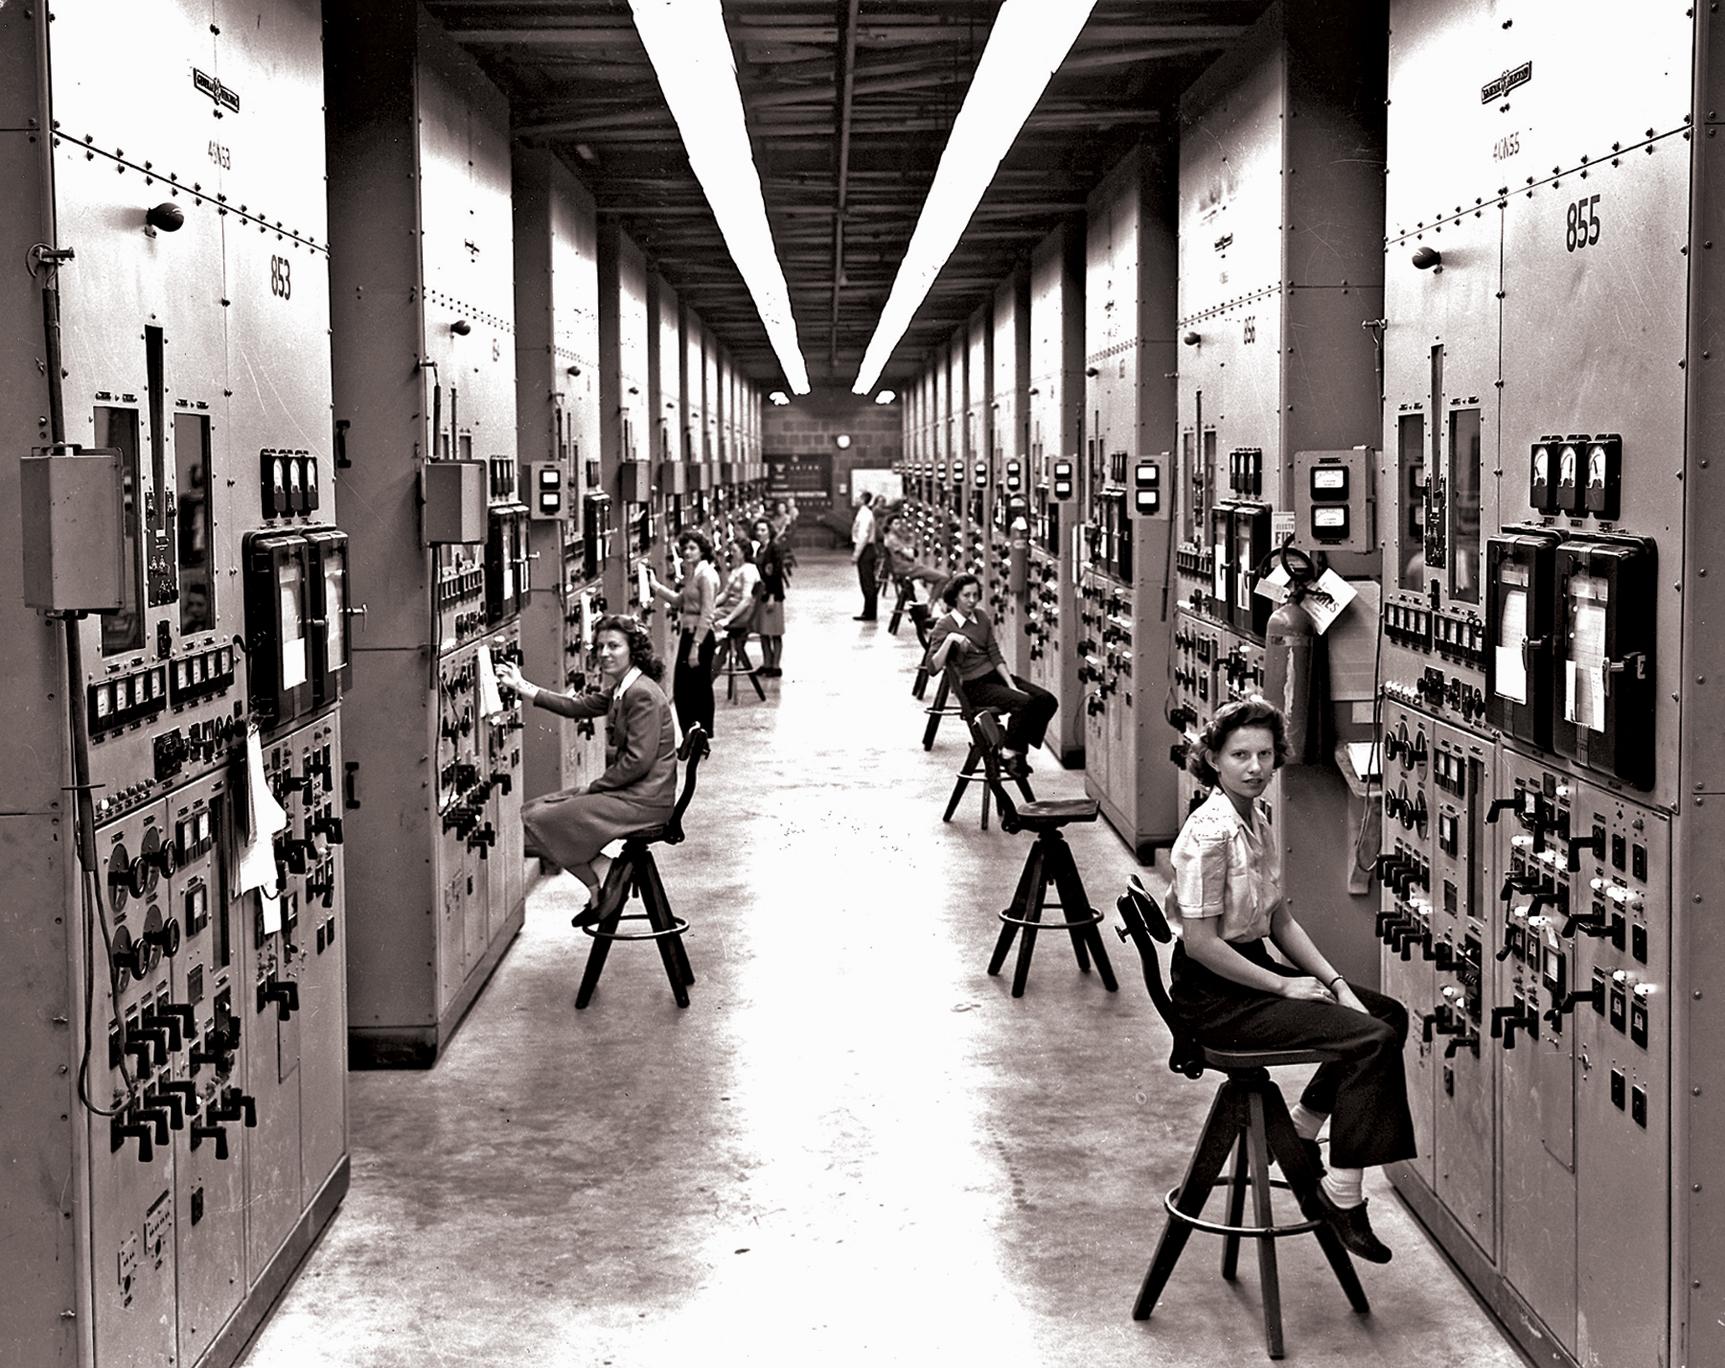 oak ridge national laboratory history